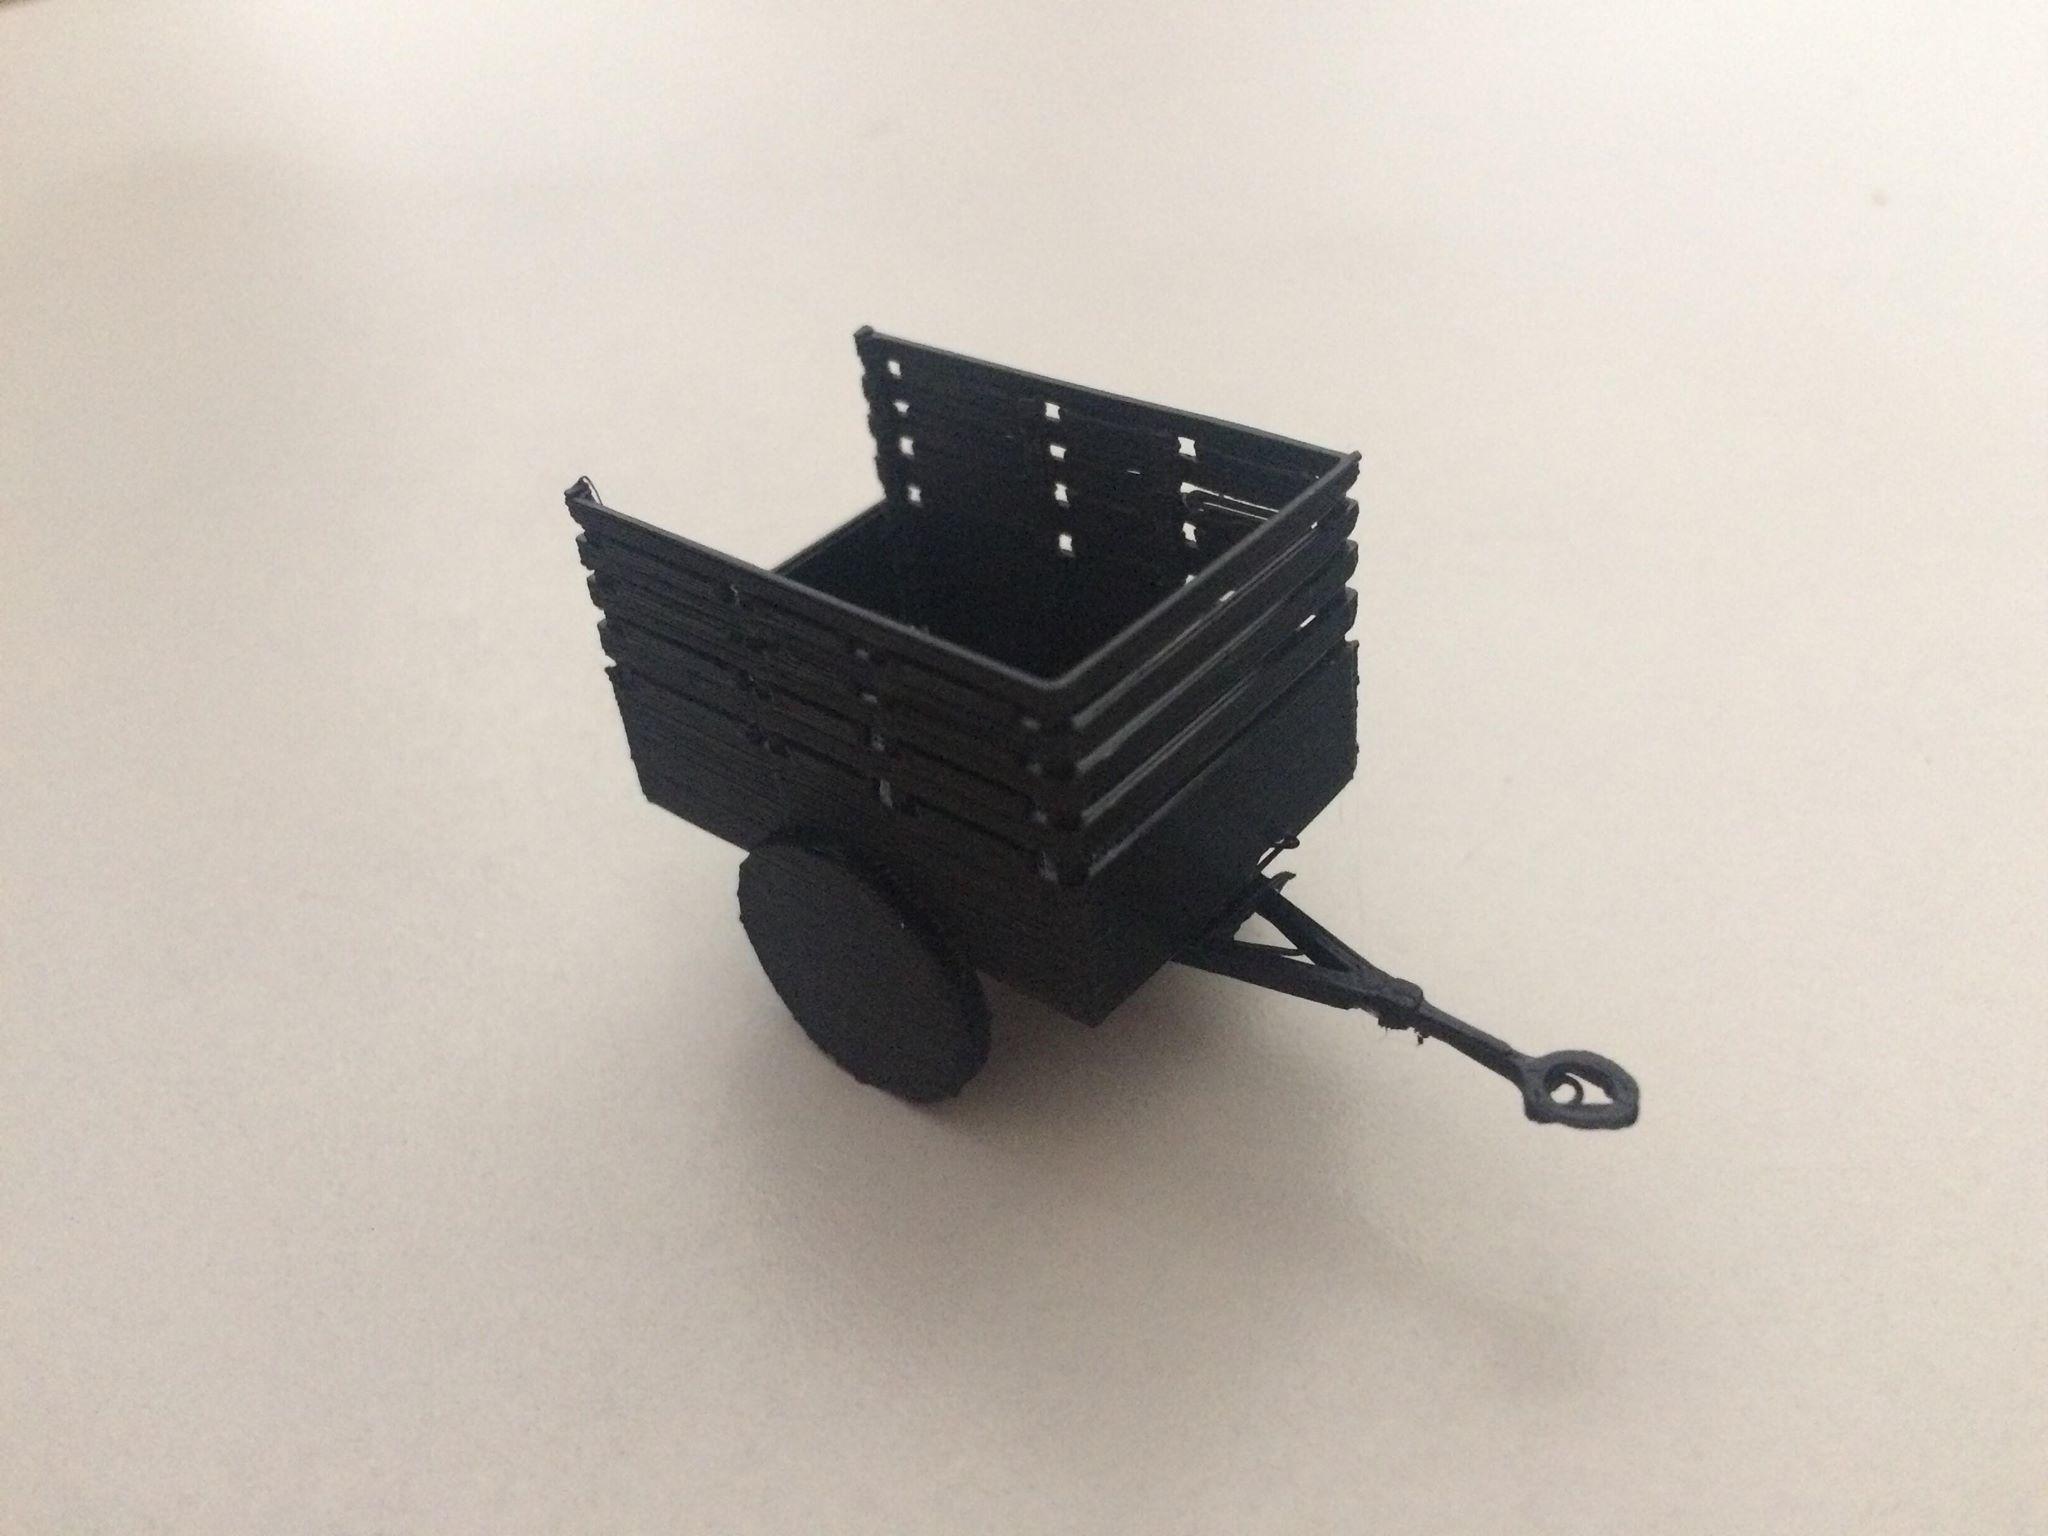 41446590_305620903503241_7420593990061260800_n.jpg Download STL file US Army 1-ton 'Ben Hur' trailer • 3D printer model, AntarcticFox